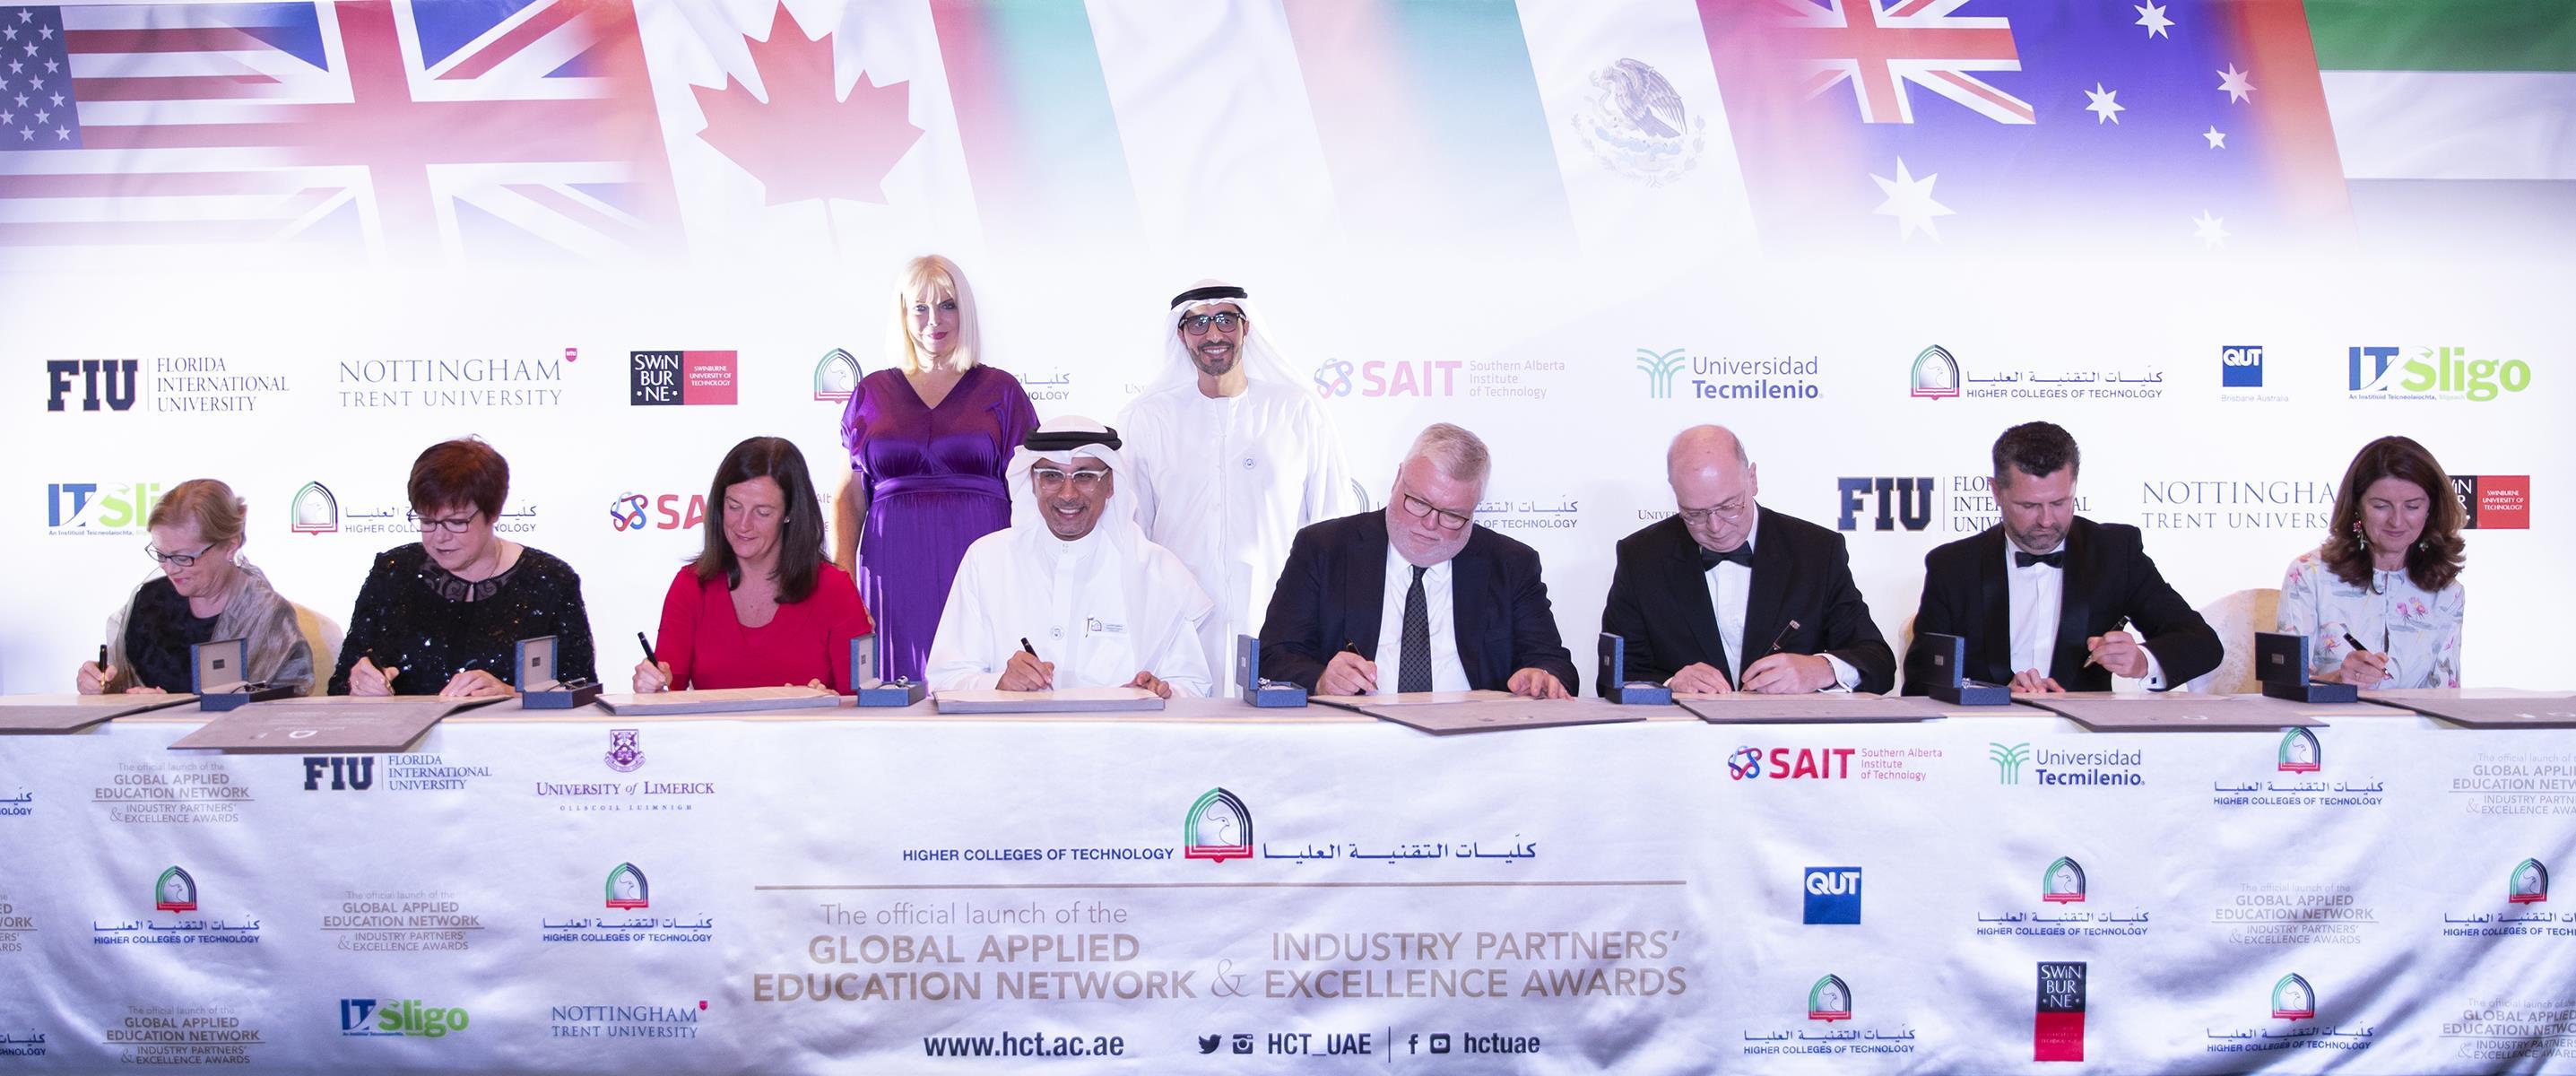 """كليات التقنية العليا في الامارات تطلق """"الشبكة العالمية للتعليم التطبيقي"""" بمشاركة 8 مؤسسات تعليم عالمية"""